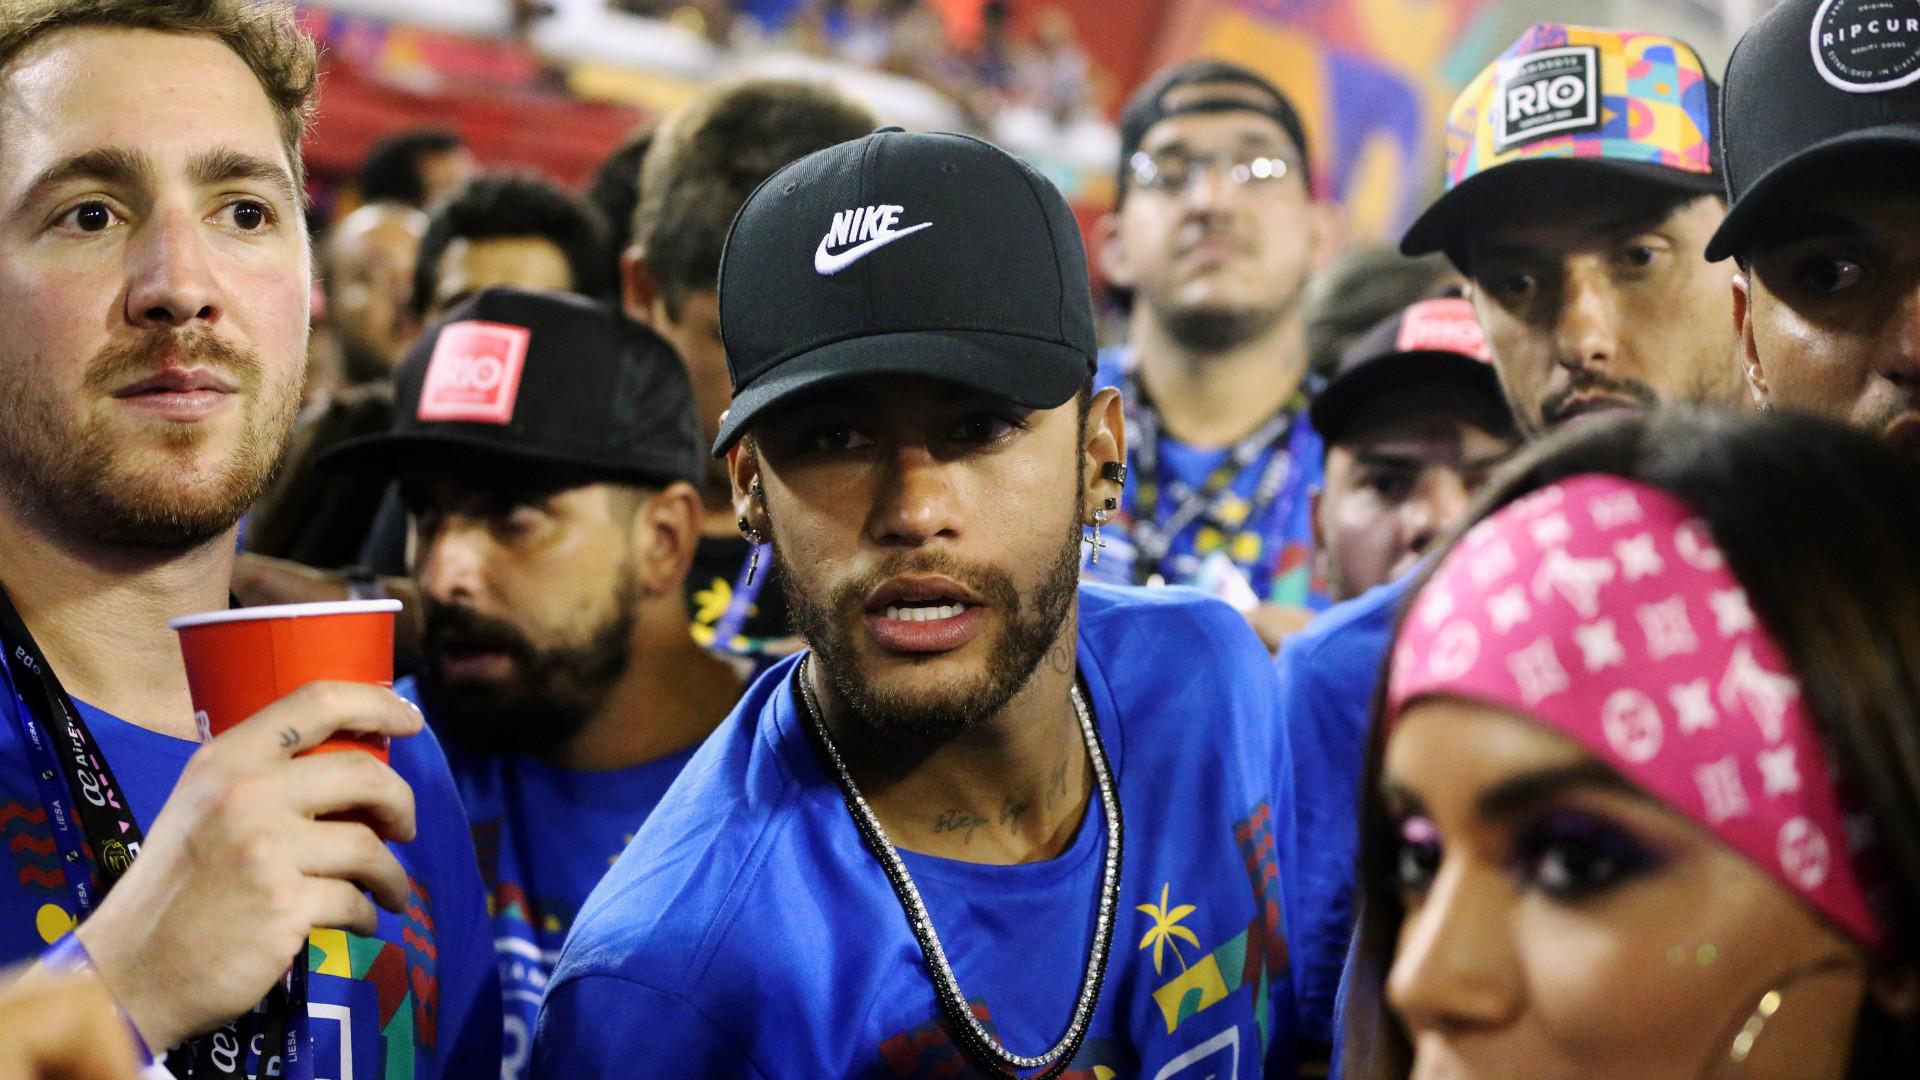 Após tratamento no Brasil e Carnaval, Neymar segue cartilha do PSG